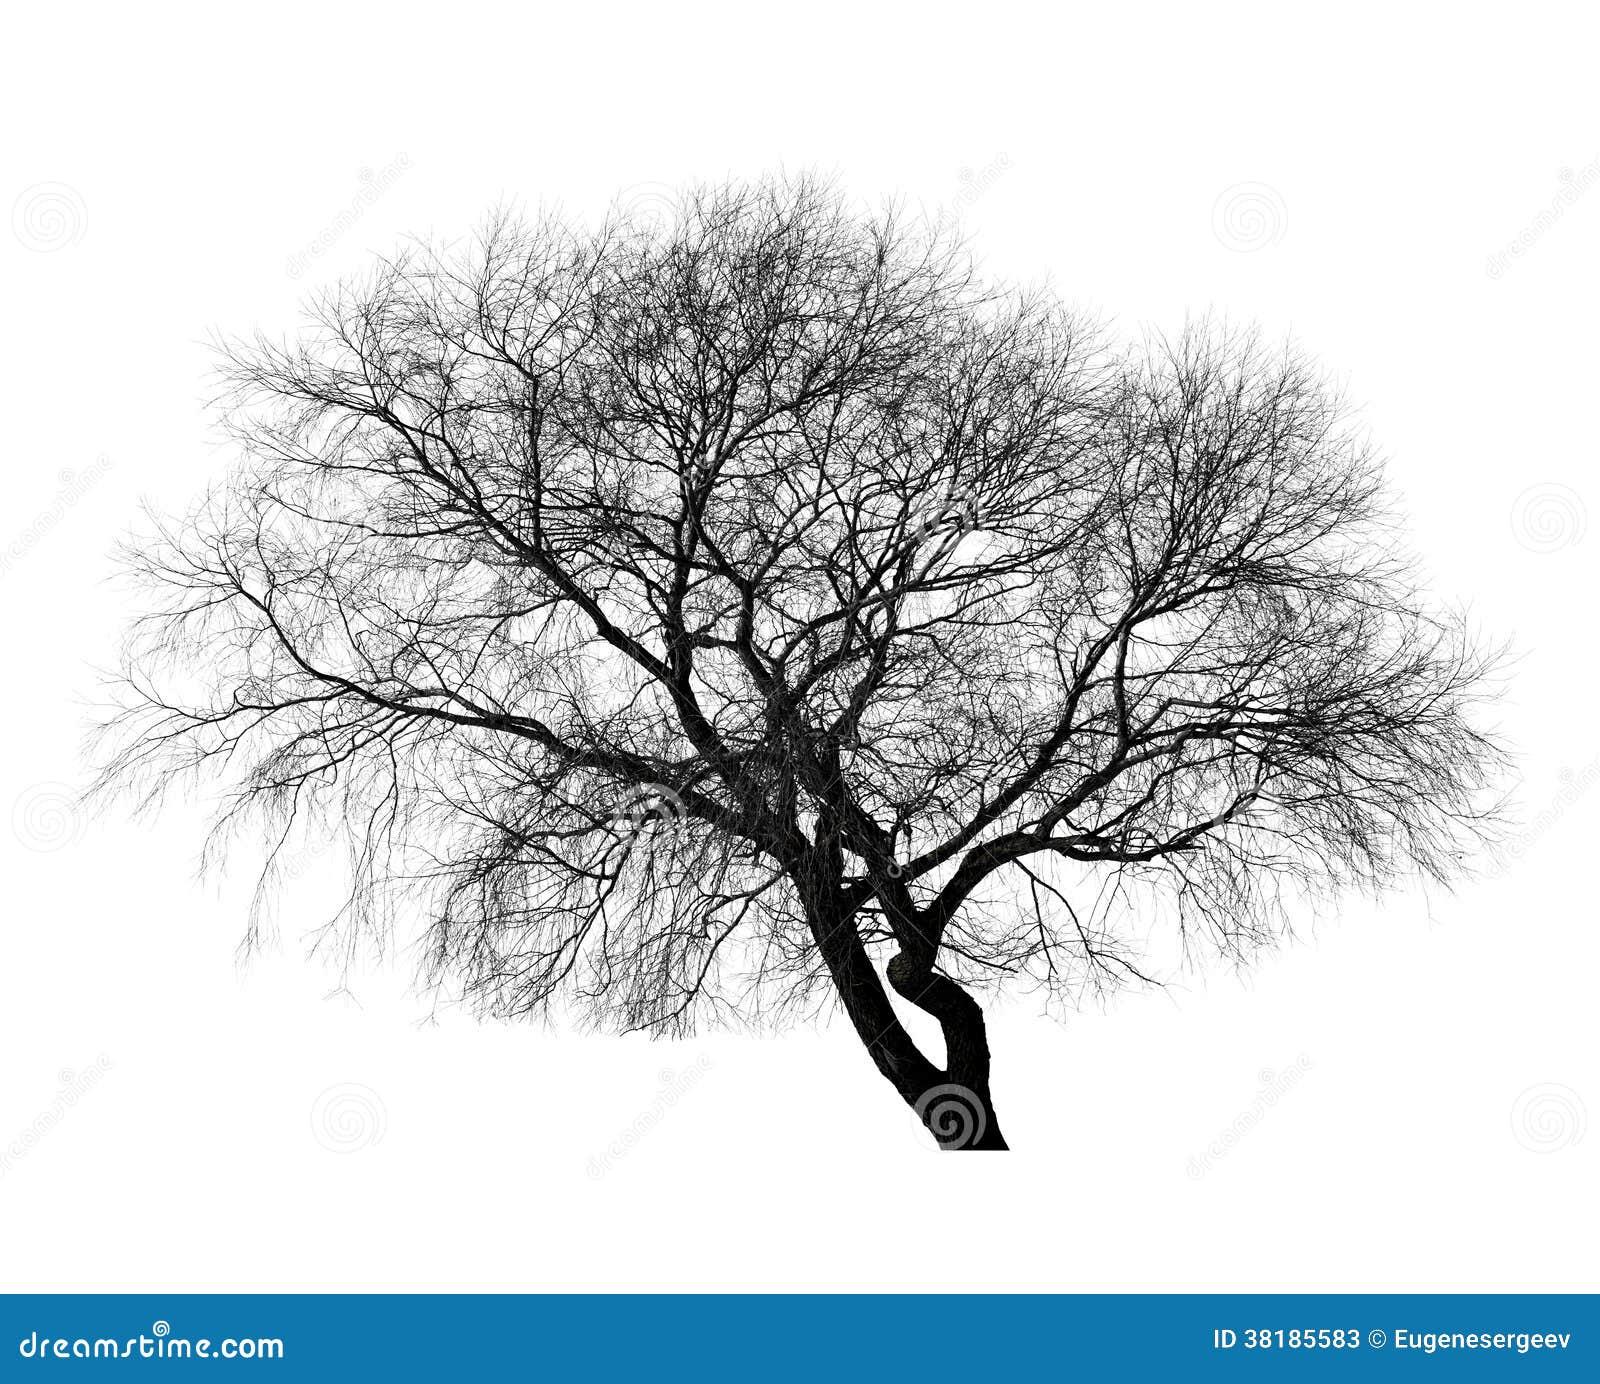 arbre sans feuilles noir sur le fond blanc image stock image du silhouette leafless 38185583. Black Bedroom Furniture Sets. Home Design Ideas